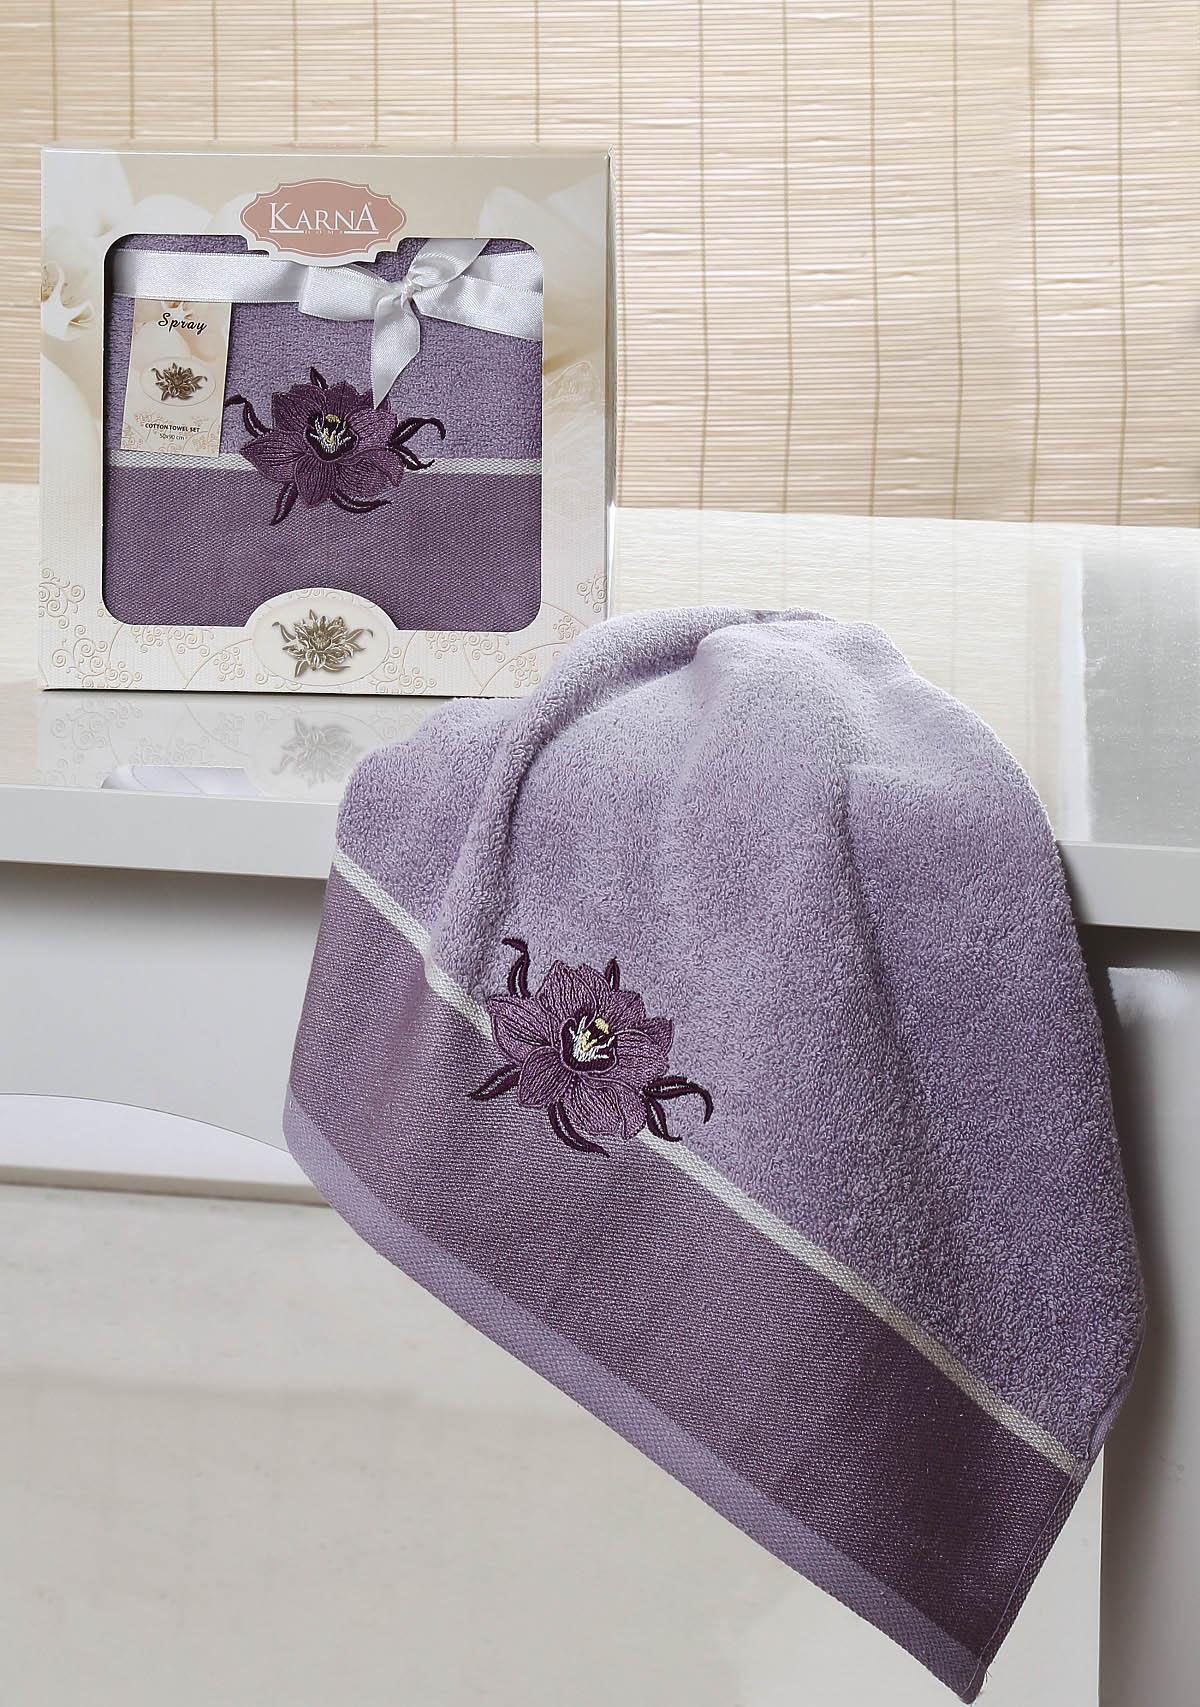 Полотенца Karna Полотенце Spray Цвет: Светло-Сиреневый (50х90 см) полотенце ecotex лайфстайл 70x130 светло сиреневый t 02 l светло сиреневый